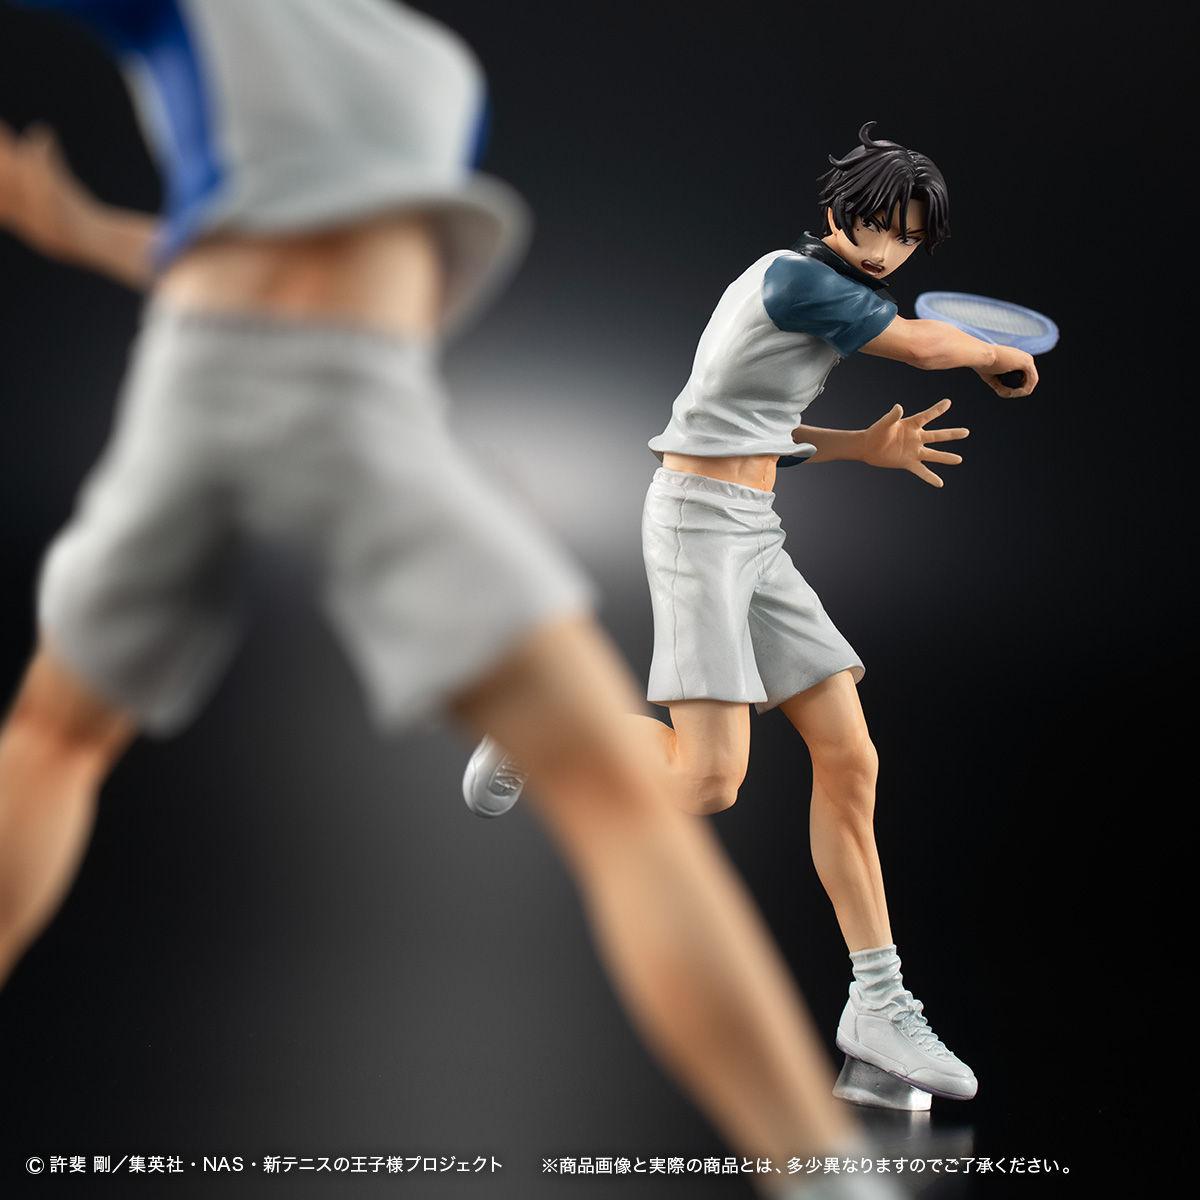 Gasha Portraits『手塚国光&跡部景吾』新テニスの王子様 フィギュア-007